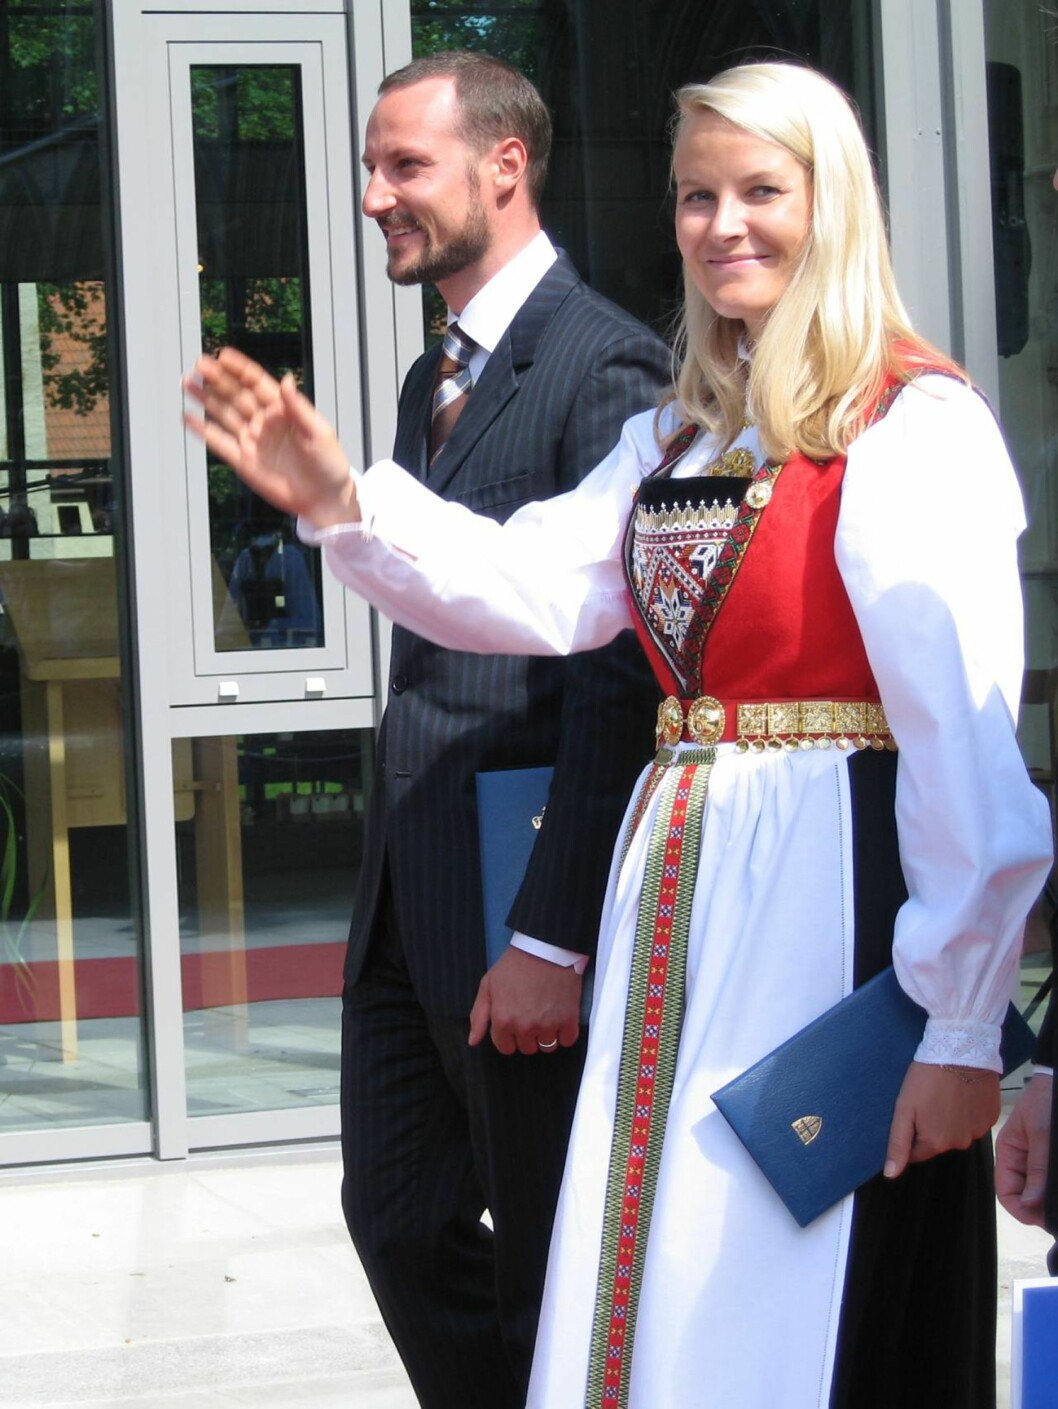 <strong>HARDANGERSKRUD:</strong> Mette-Marit og Haakon på vei fra Nidarosdomen. Foto: Marcus Husby